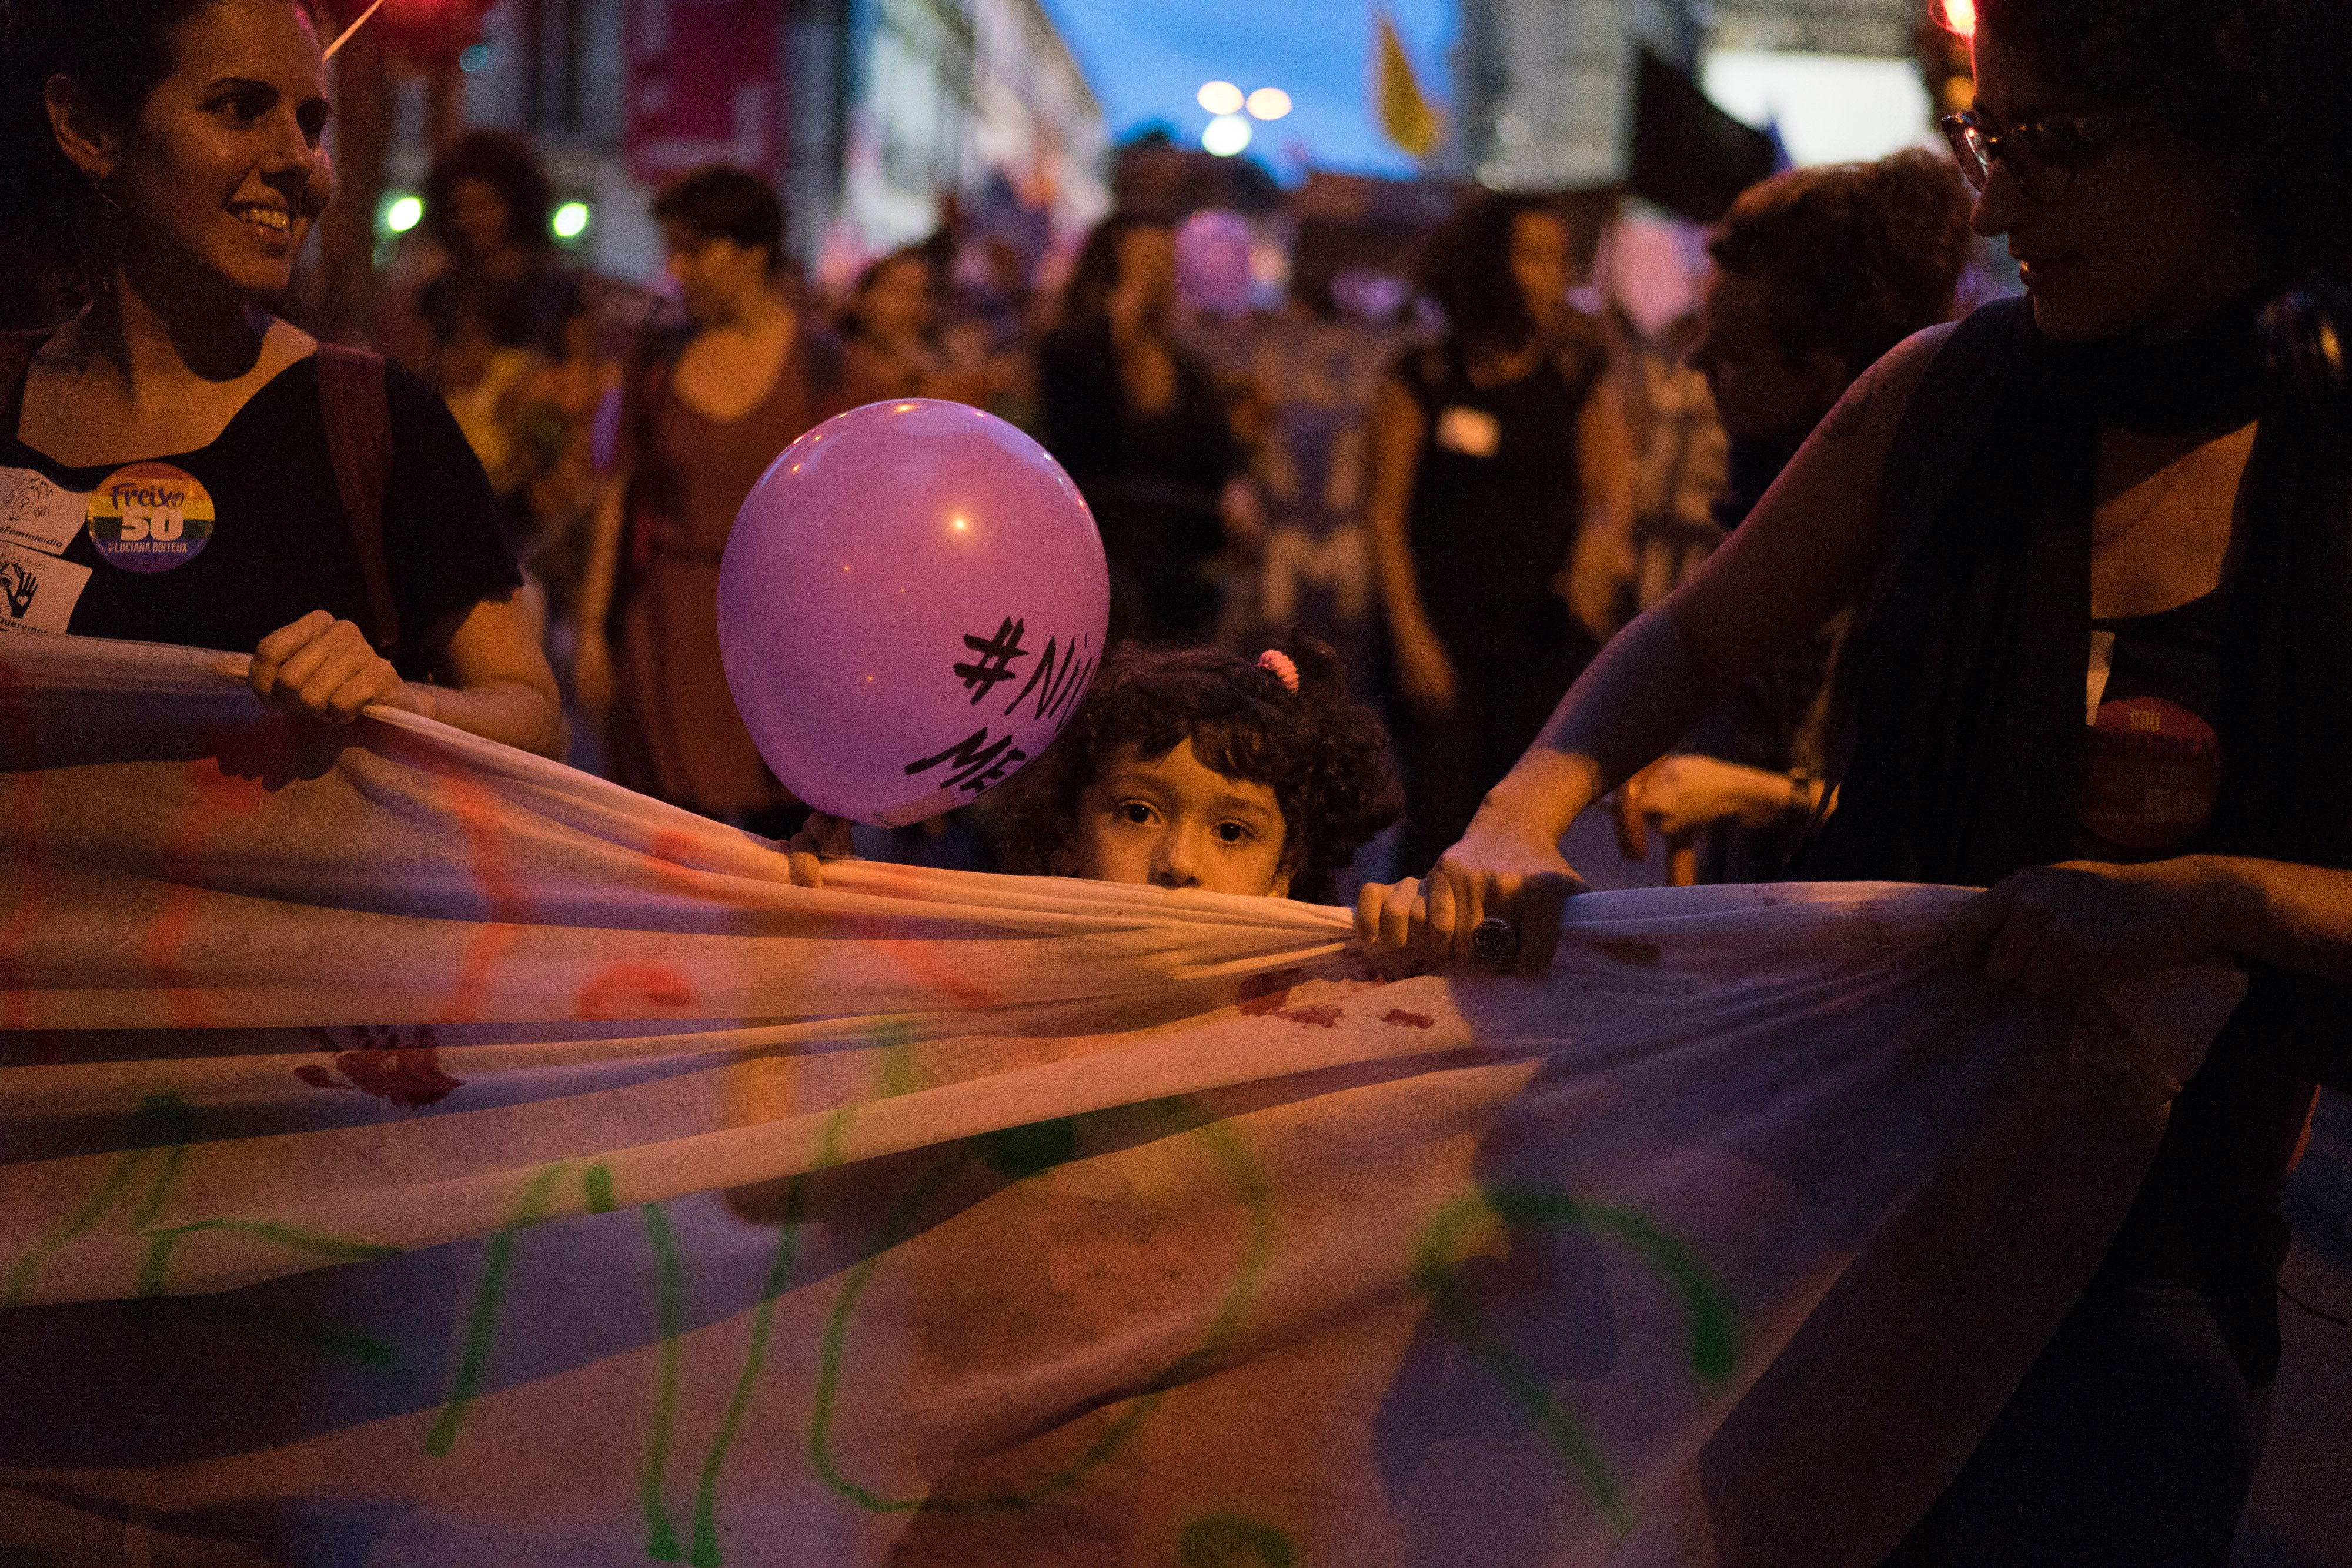 Meninas vítimas de estupro poderão ser examinadas por legistas homens, decide